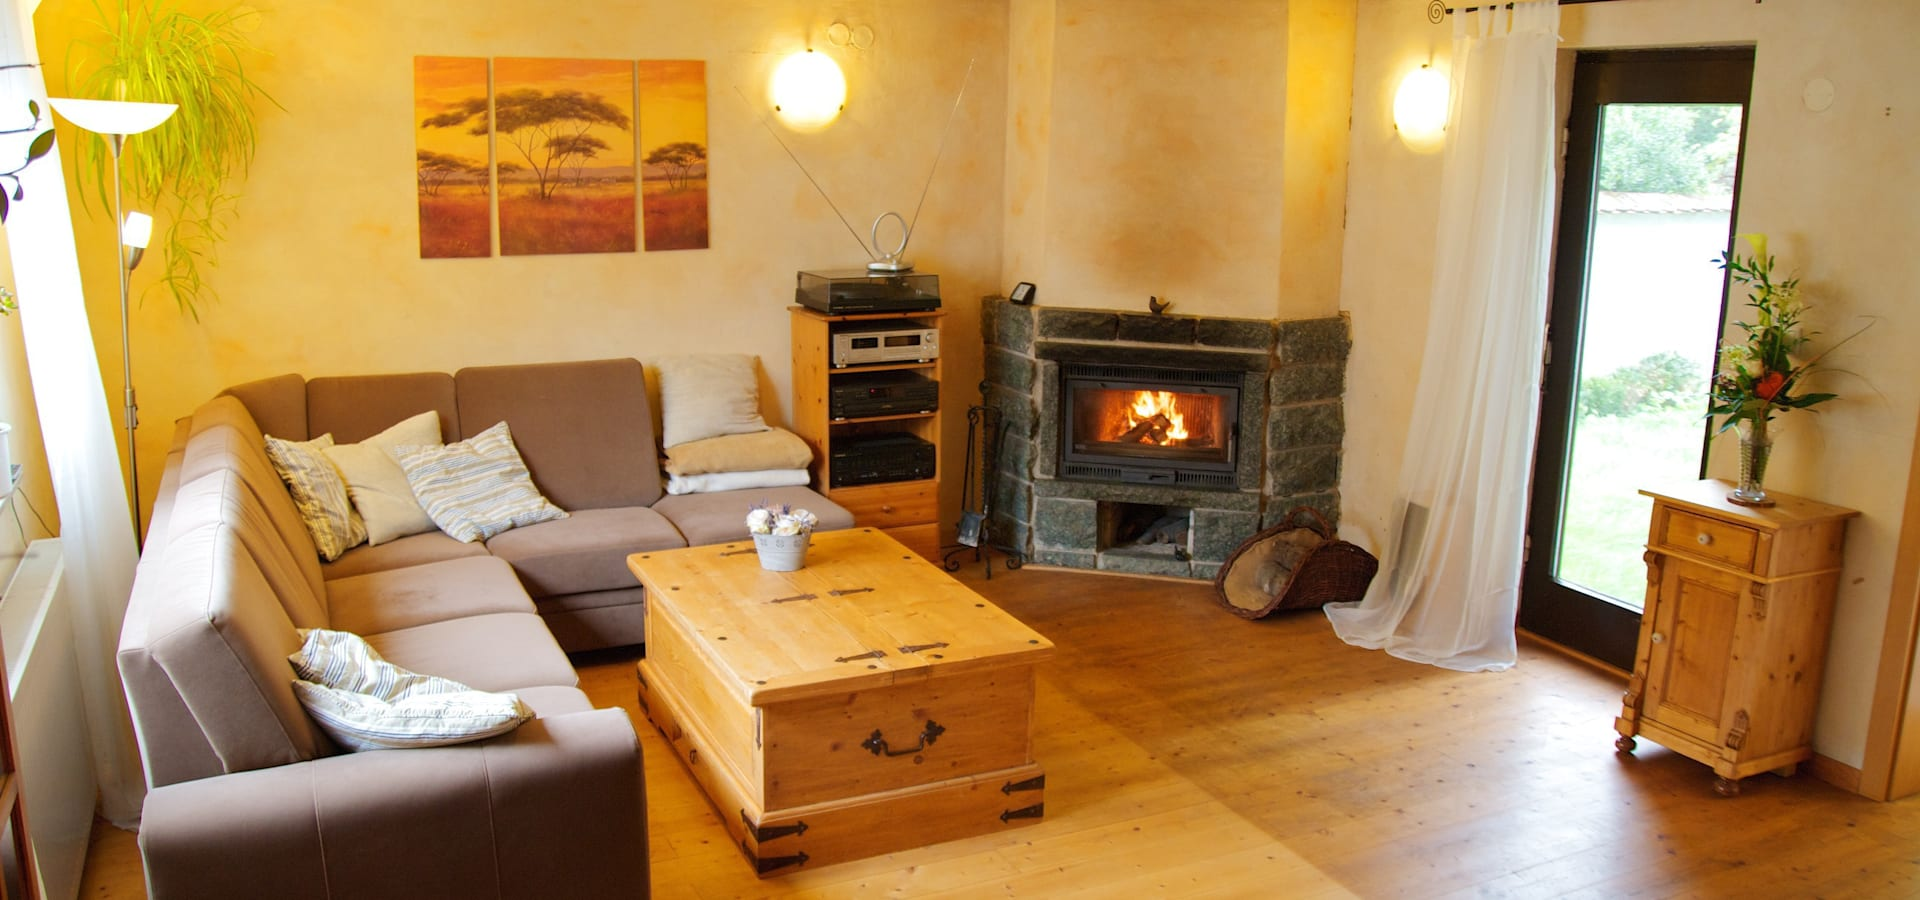 immolotse24 immobilienmakler in koblenz homify. Black Bedroom Furniture Sets. Home Design Ideas